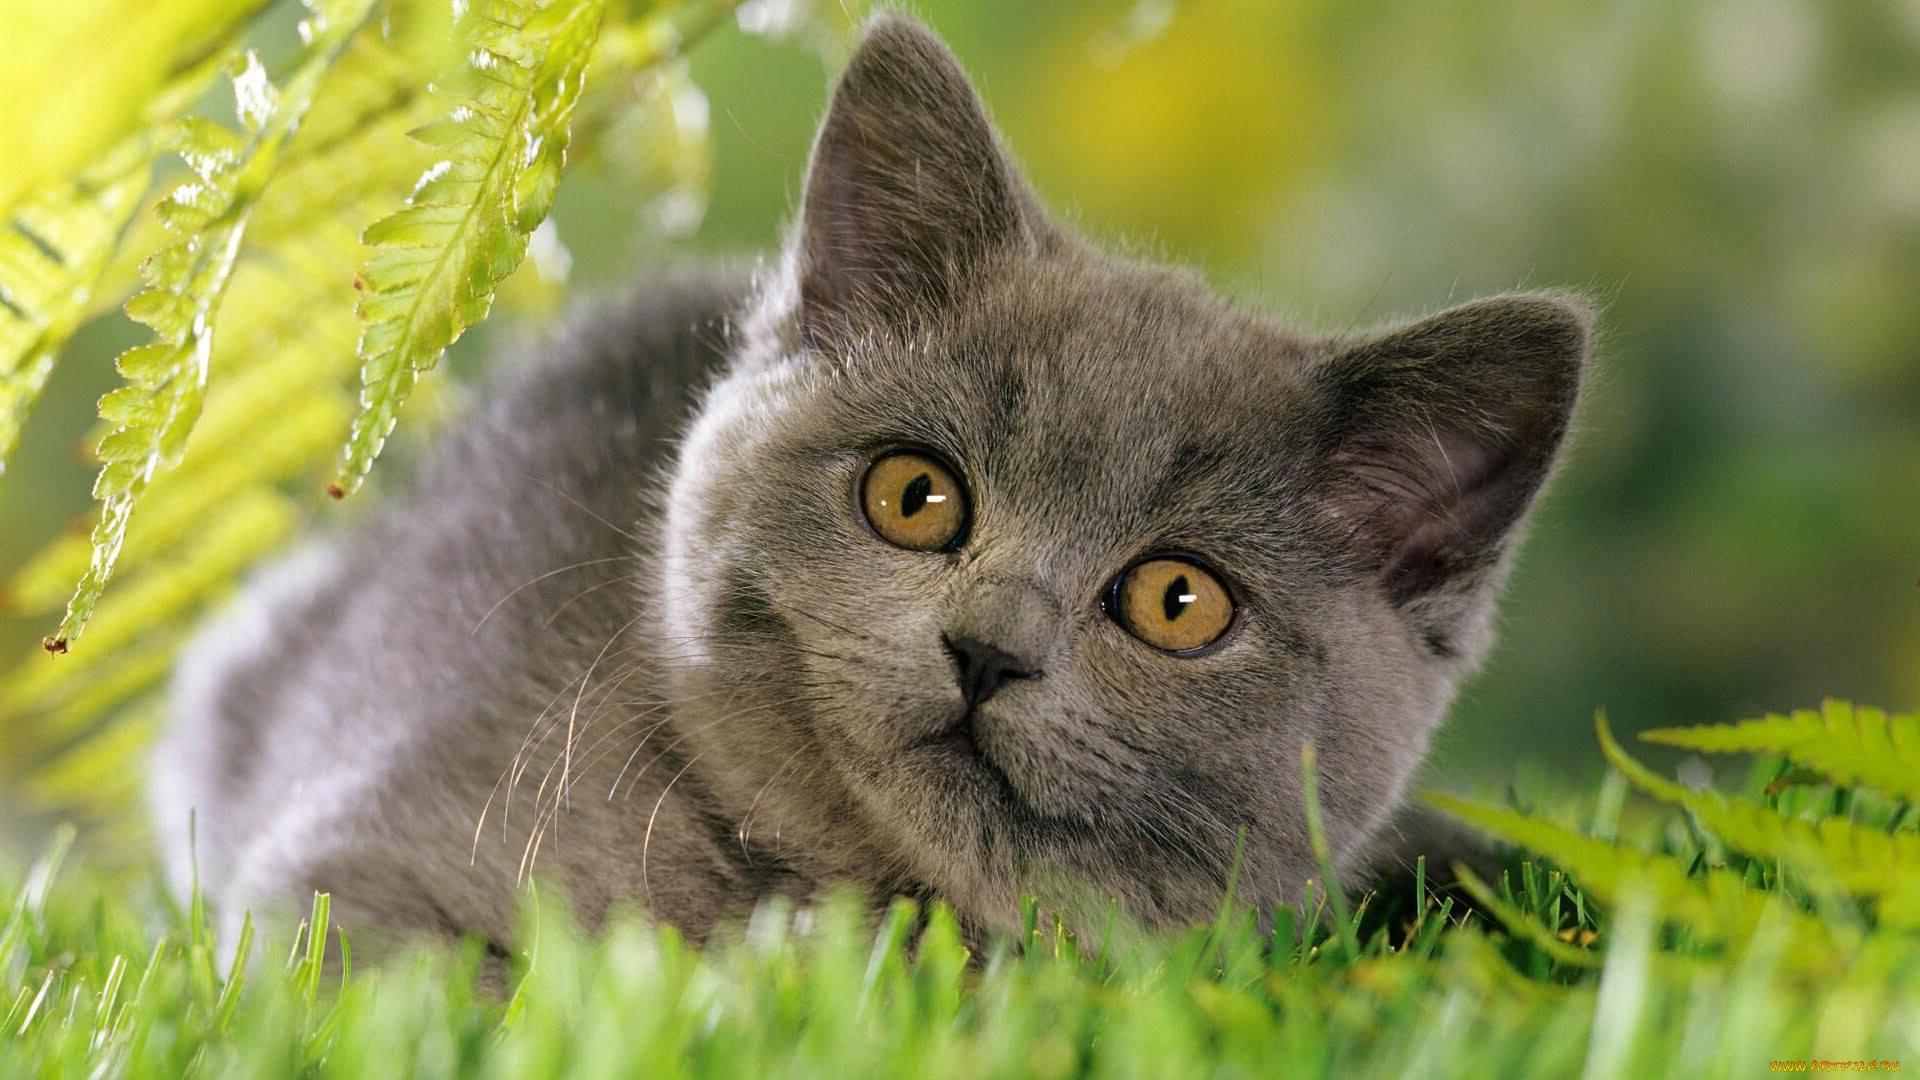 Картинка на заставку котик